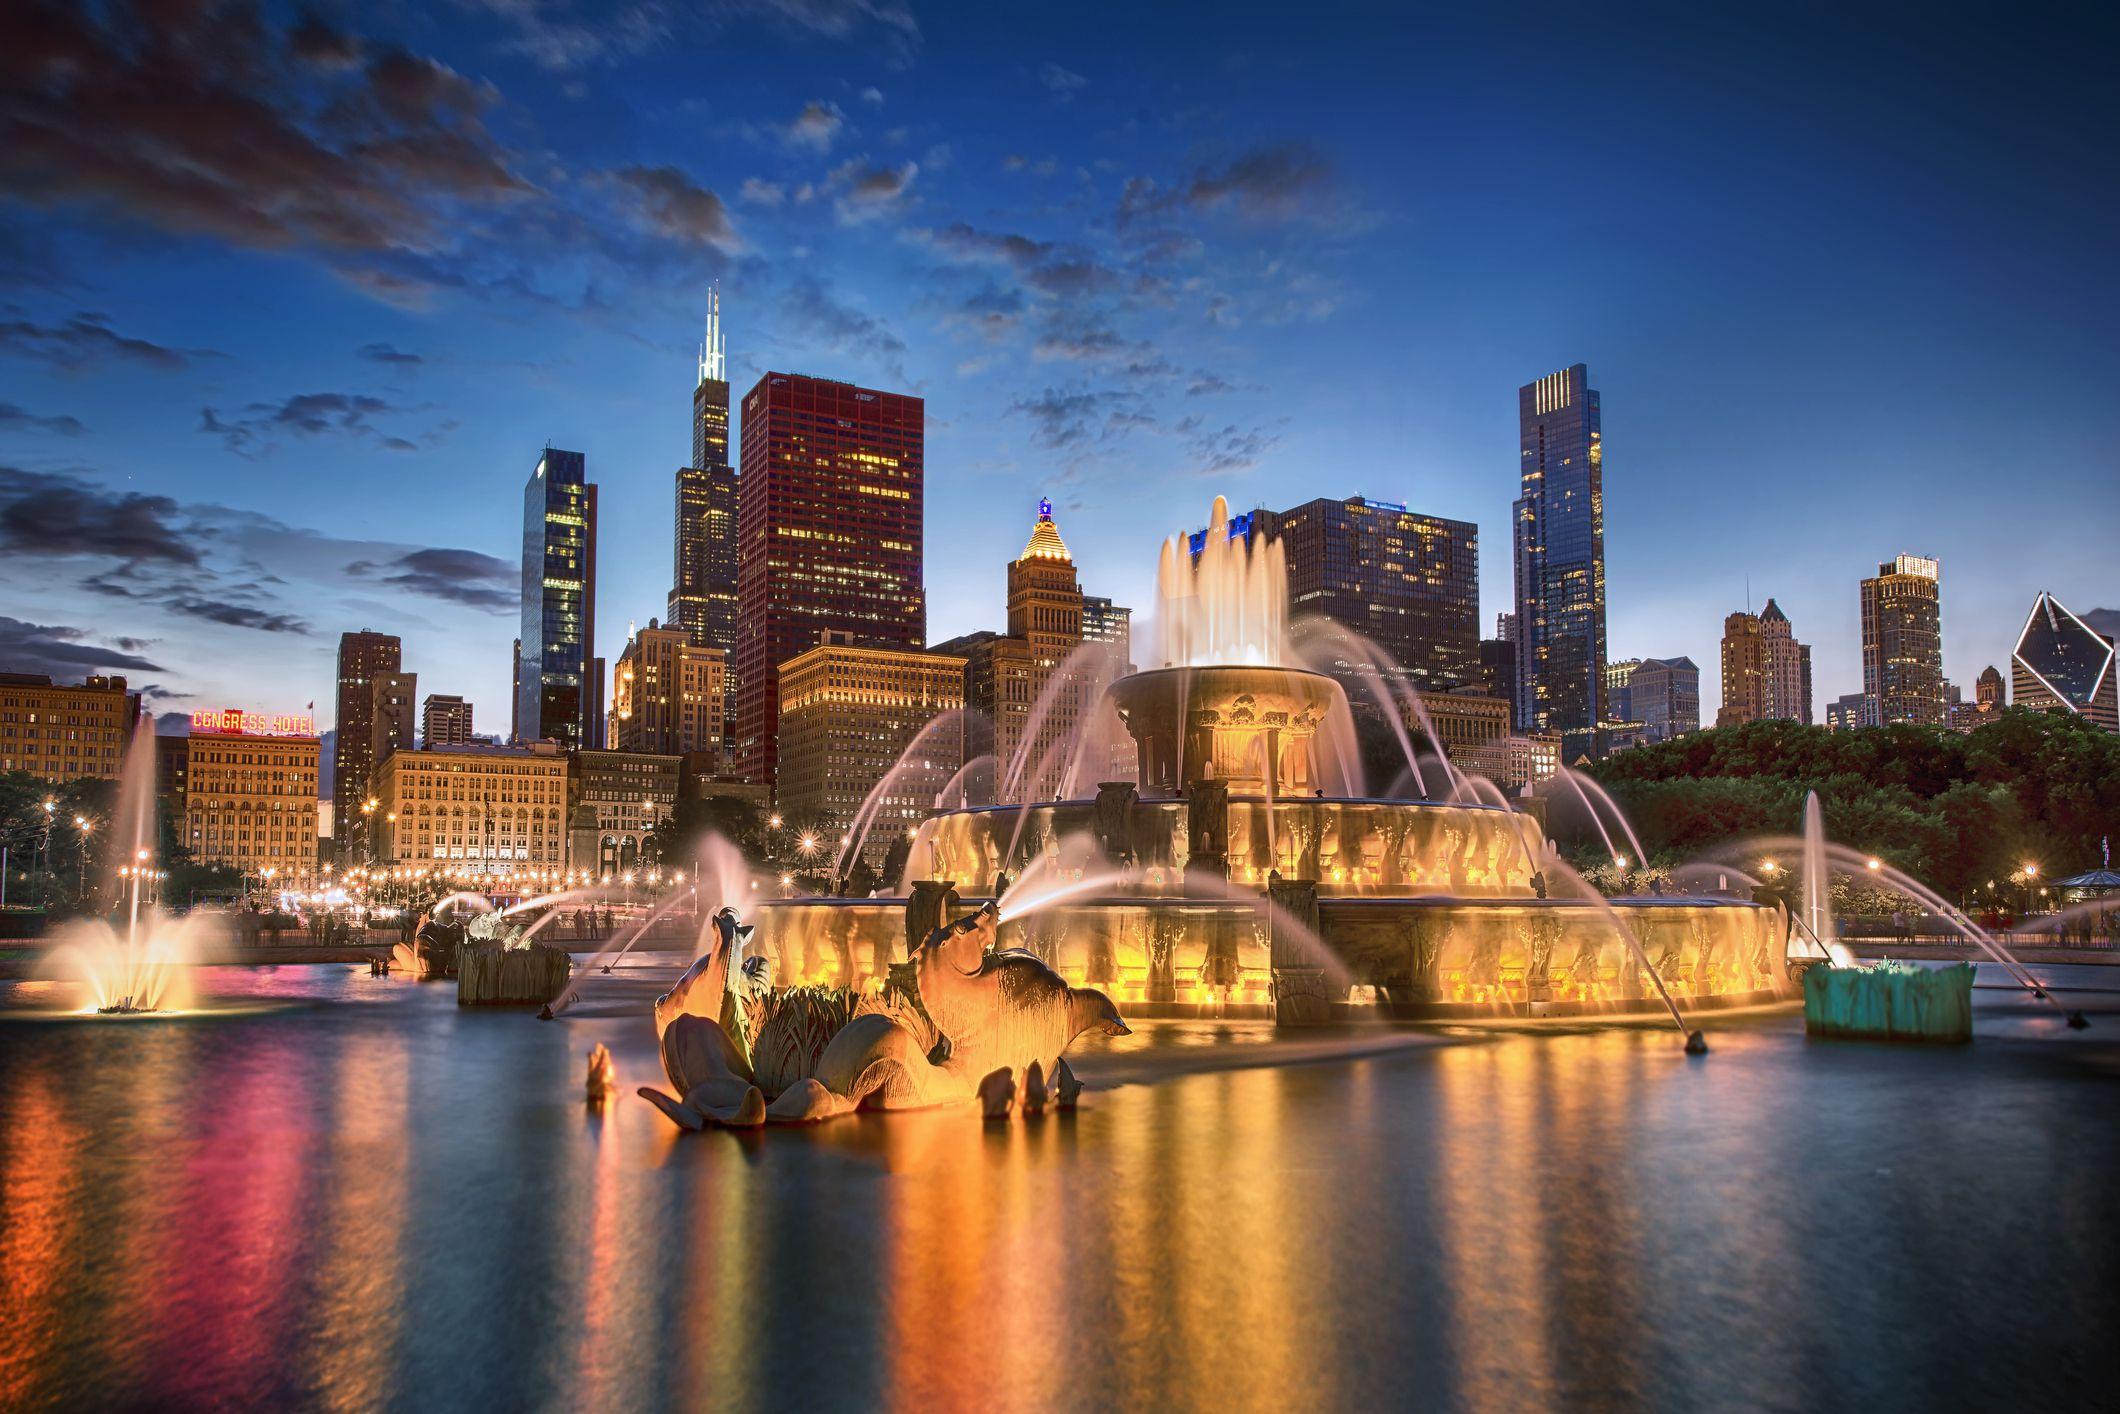 Nejlepší místo pro připojení v chicago